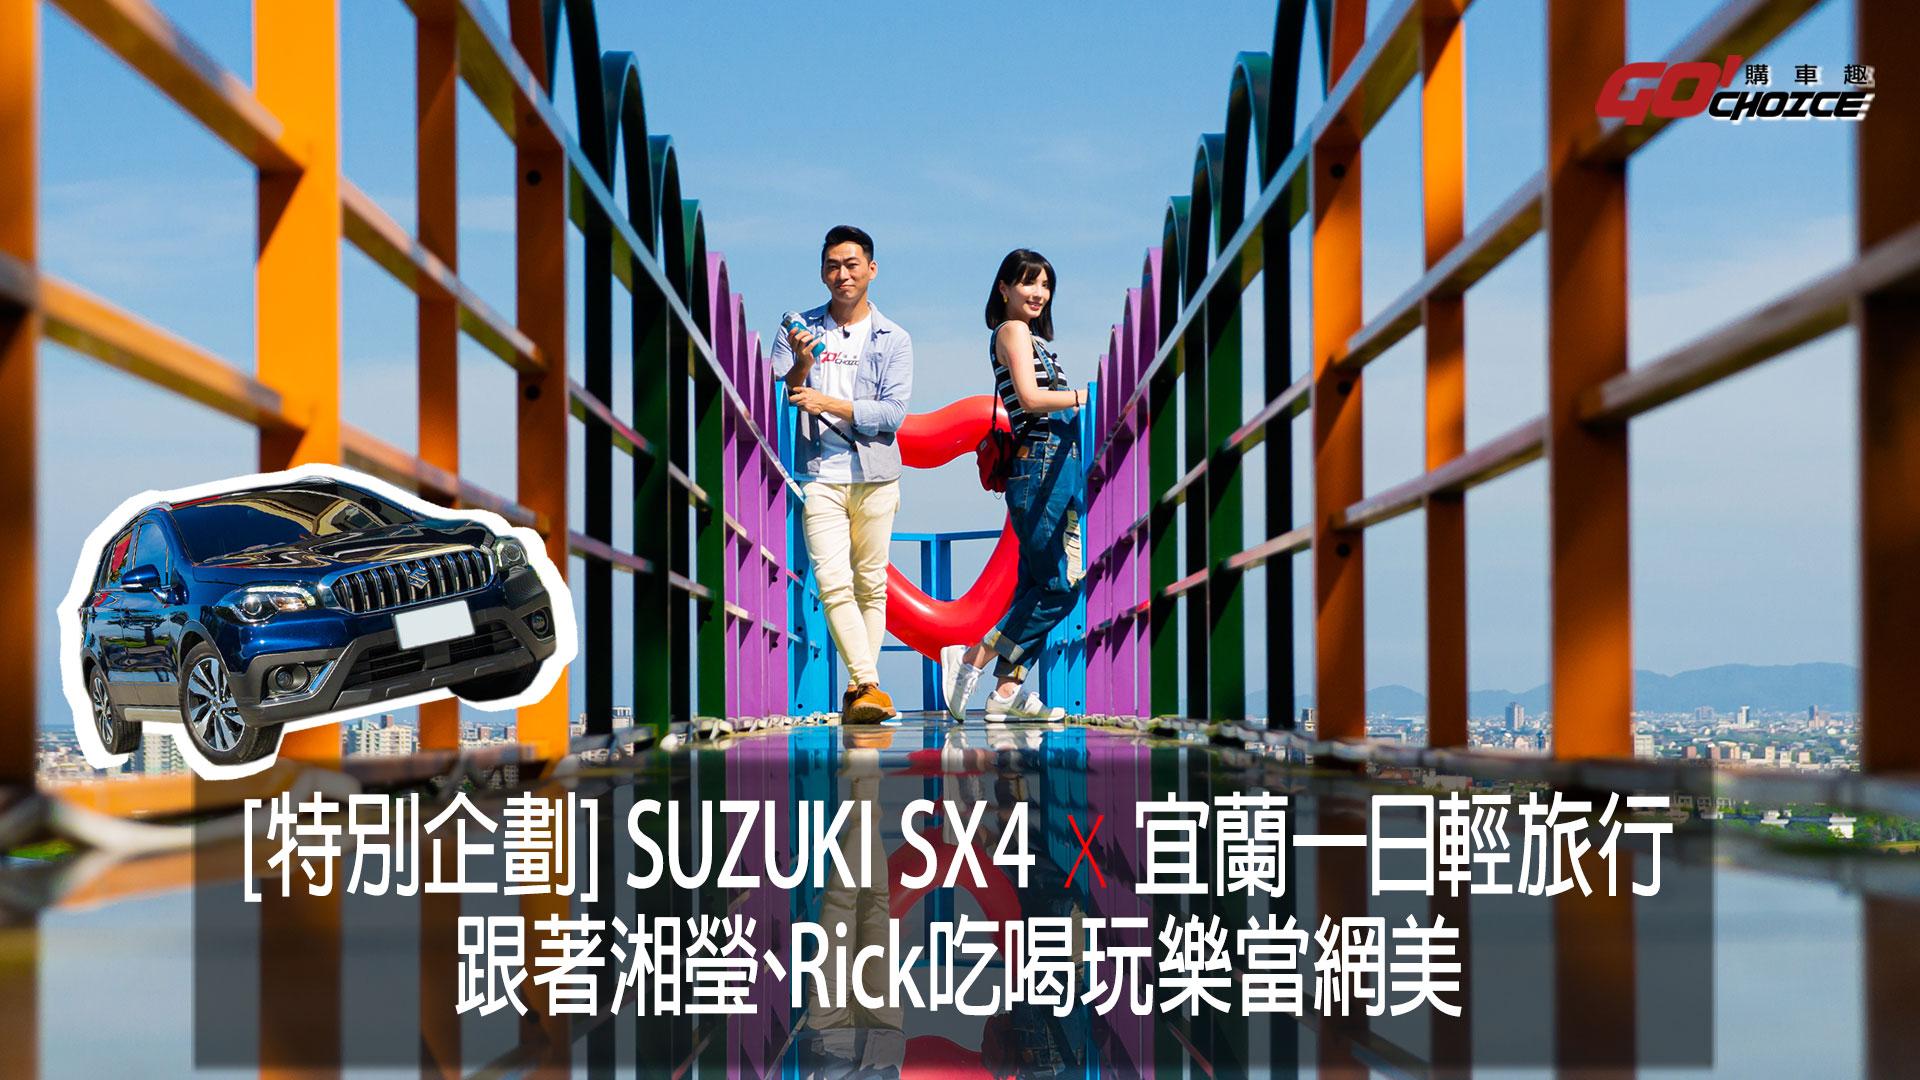 [特別企劃]SUZUKI SX4 X 宜蘭一日輕旅行_跟著湘瑩、Rick吃喝玩樂當網美